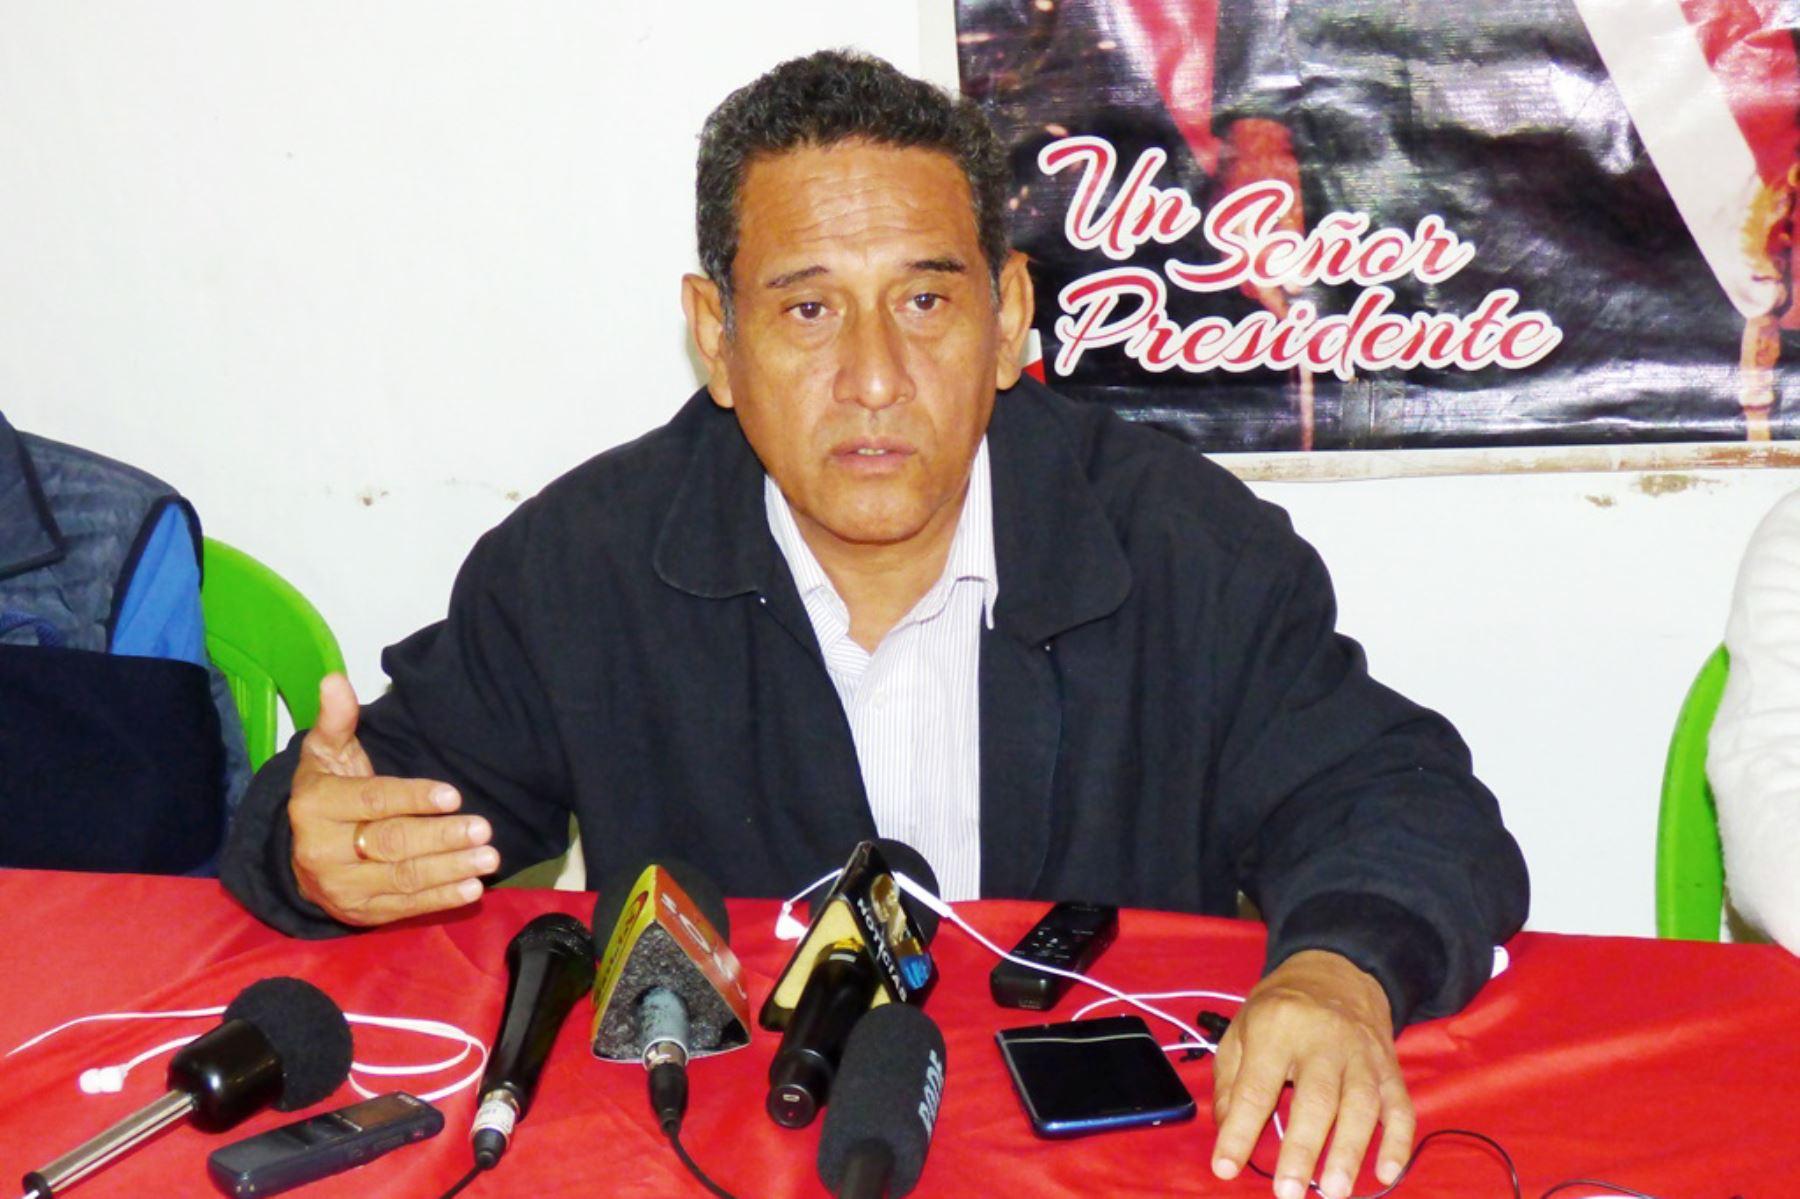 Mesías Guevara Amasifuén asumirá mañana la conducción del Gobierno Regional de Cajamarca.Foto:  ANDINA/Eduard Lozano.